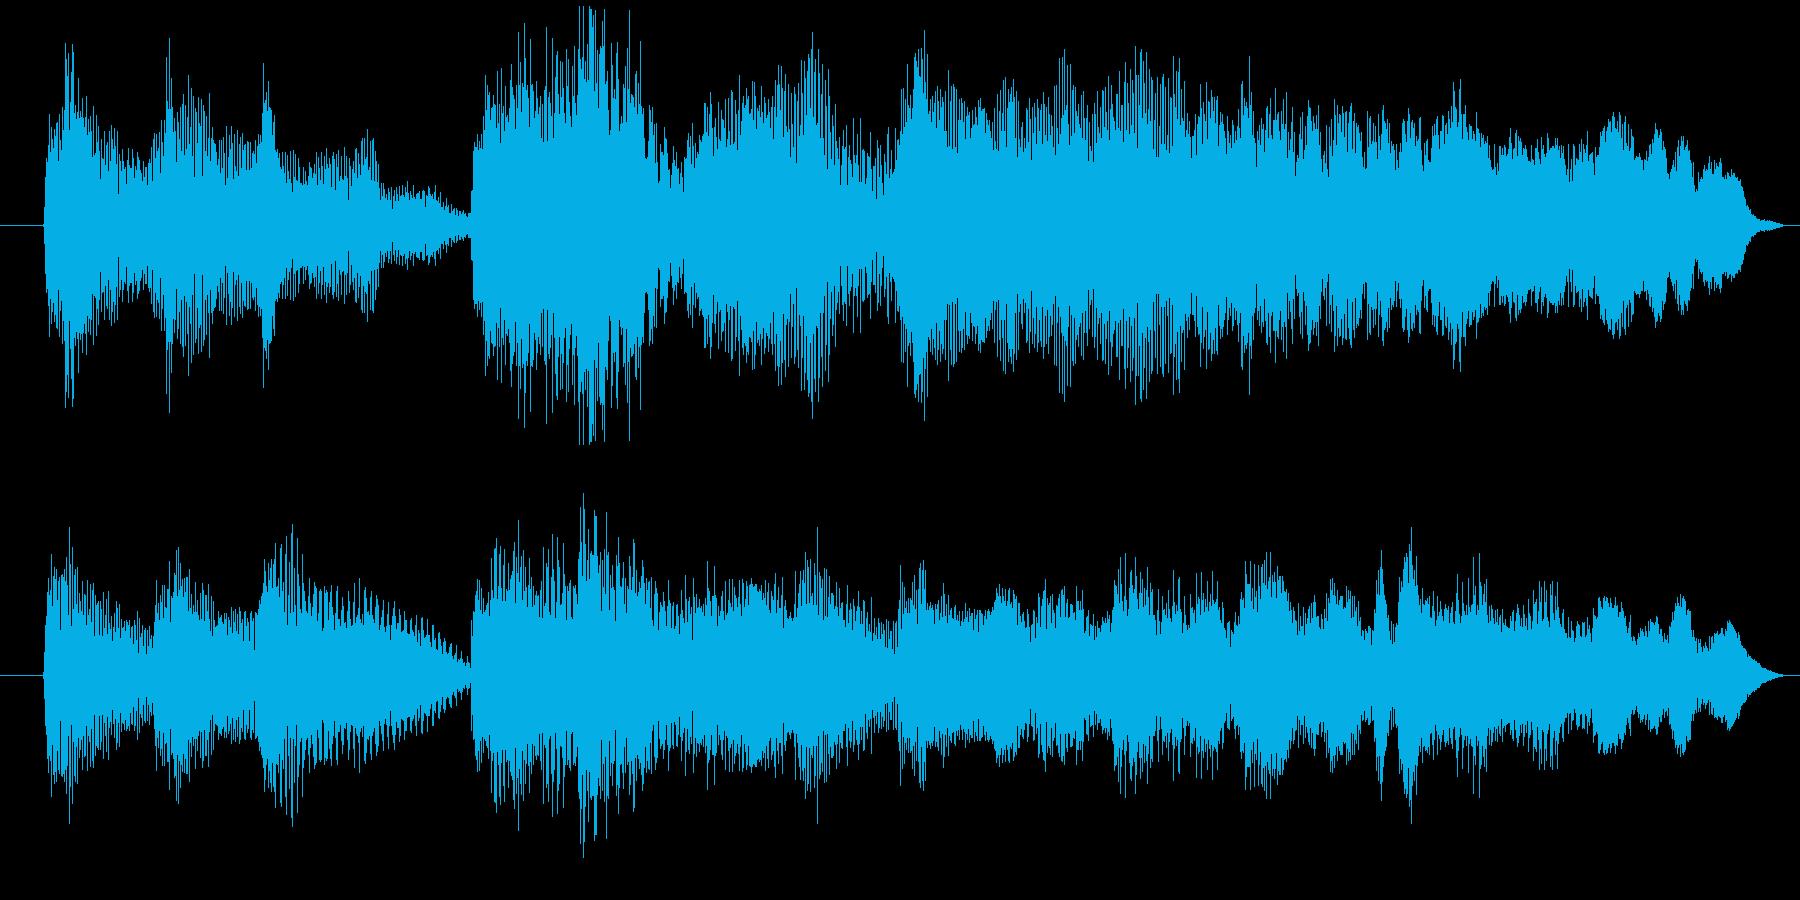 クラシカルな音源の再生済みの波形